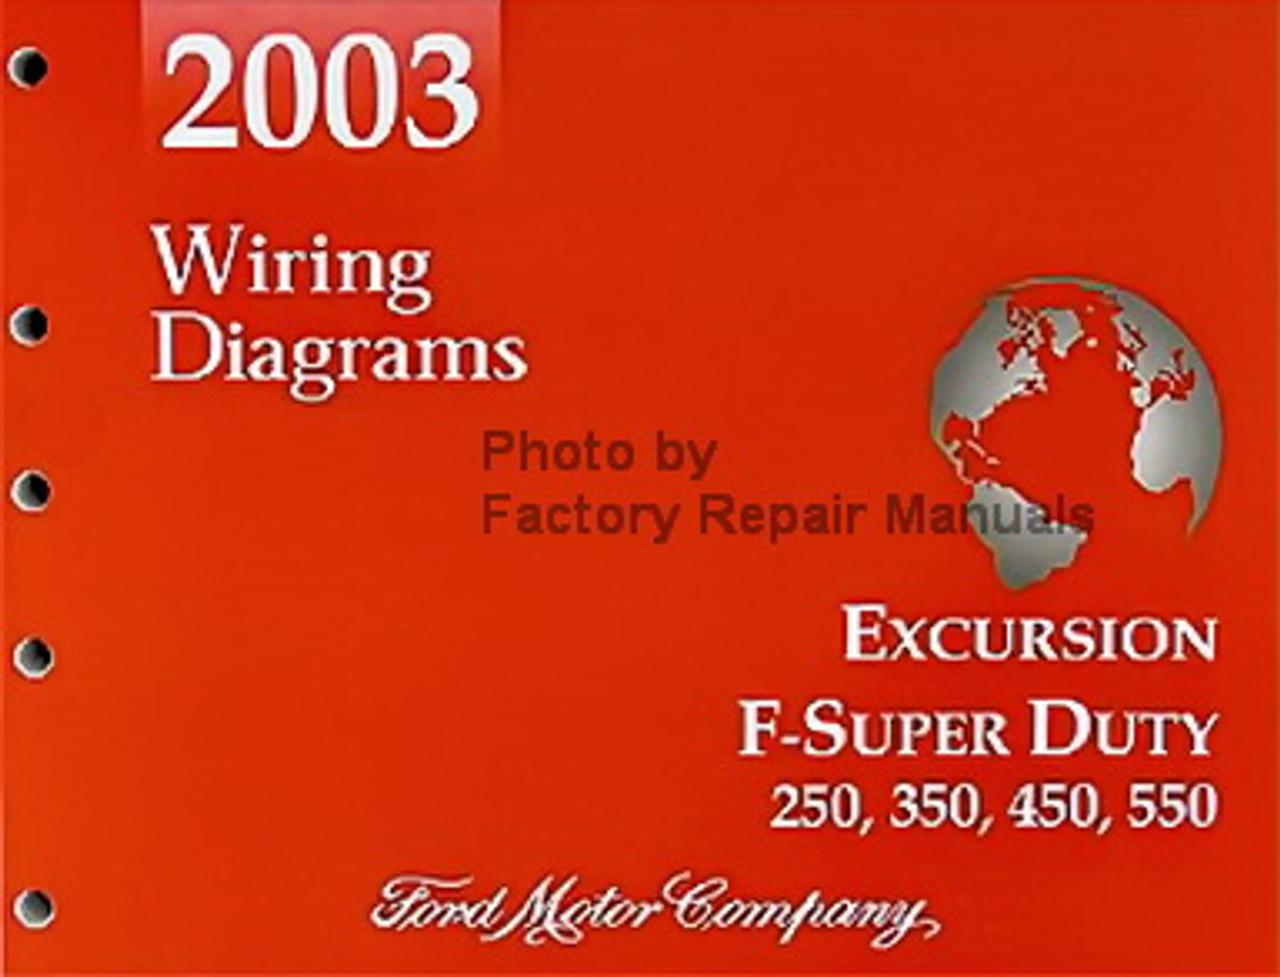 2003 excursion wiring diagram 2003 ford f250 f350 f450 f550 super duty truck   excursion wiring  2003 ford f250 f350 f450 f550 super